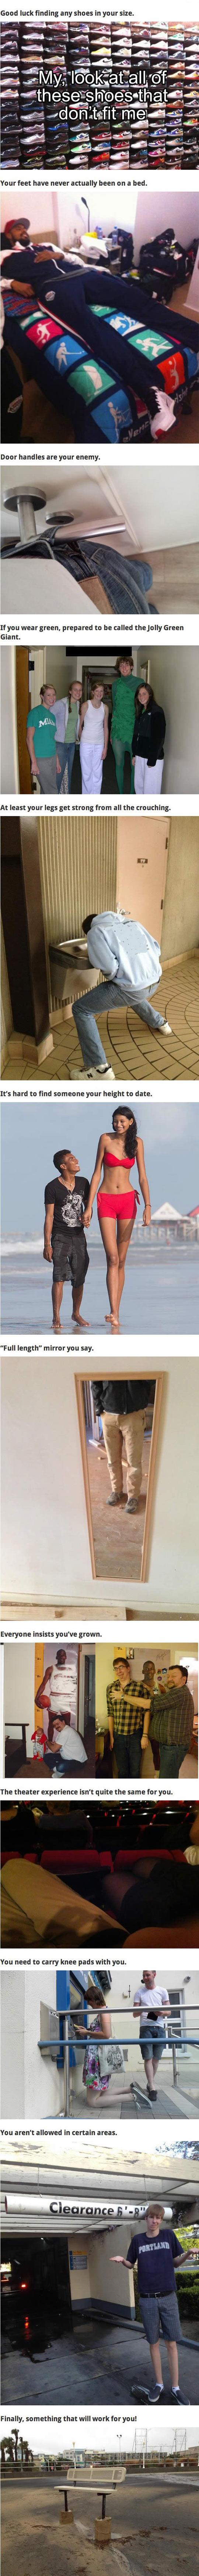 funny-tall-people-problems-jokes-bathroom